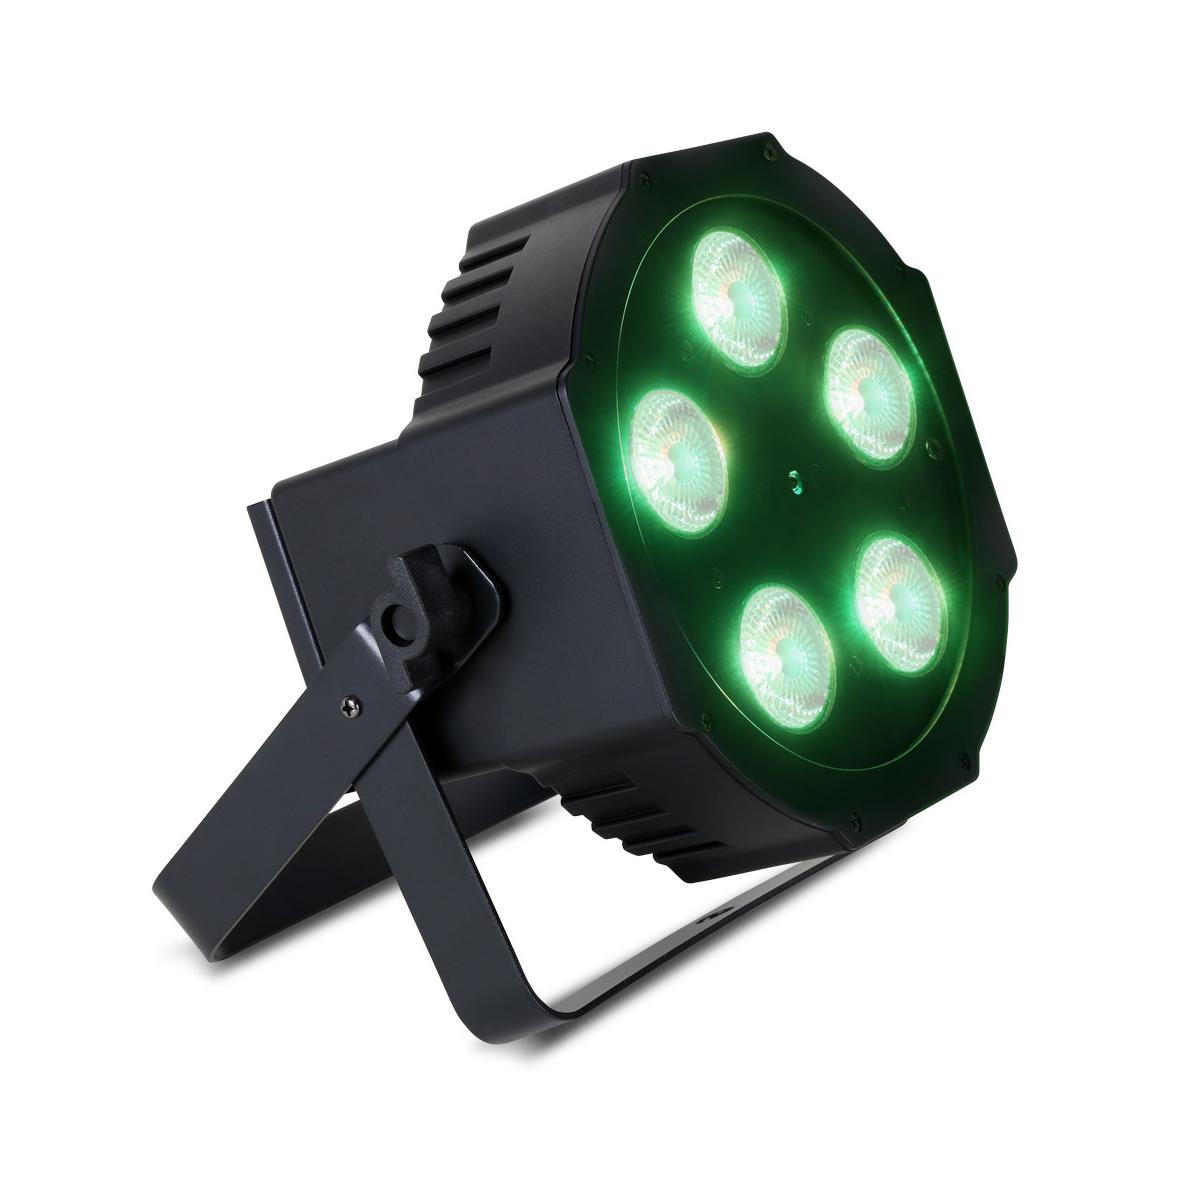 PAR Fixture with 5x 12W RGBAW + UV LEDs